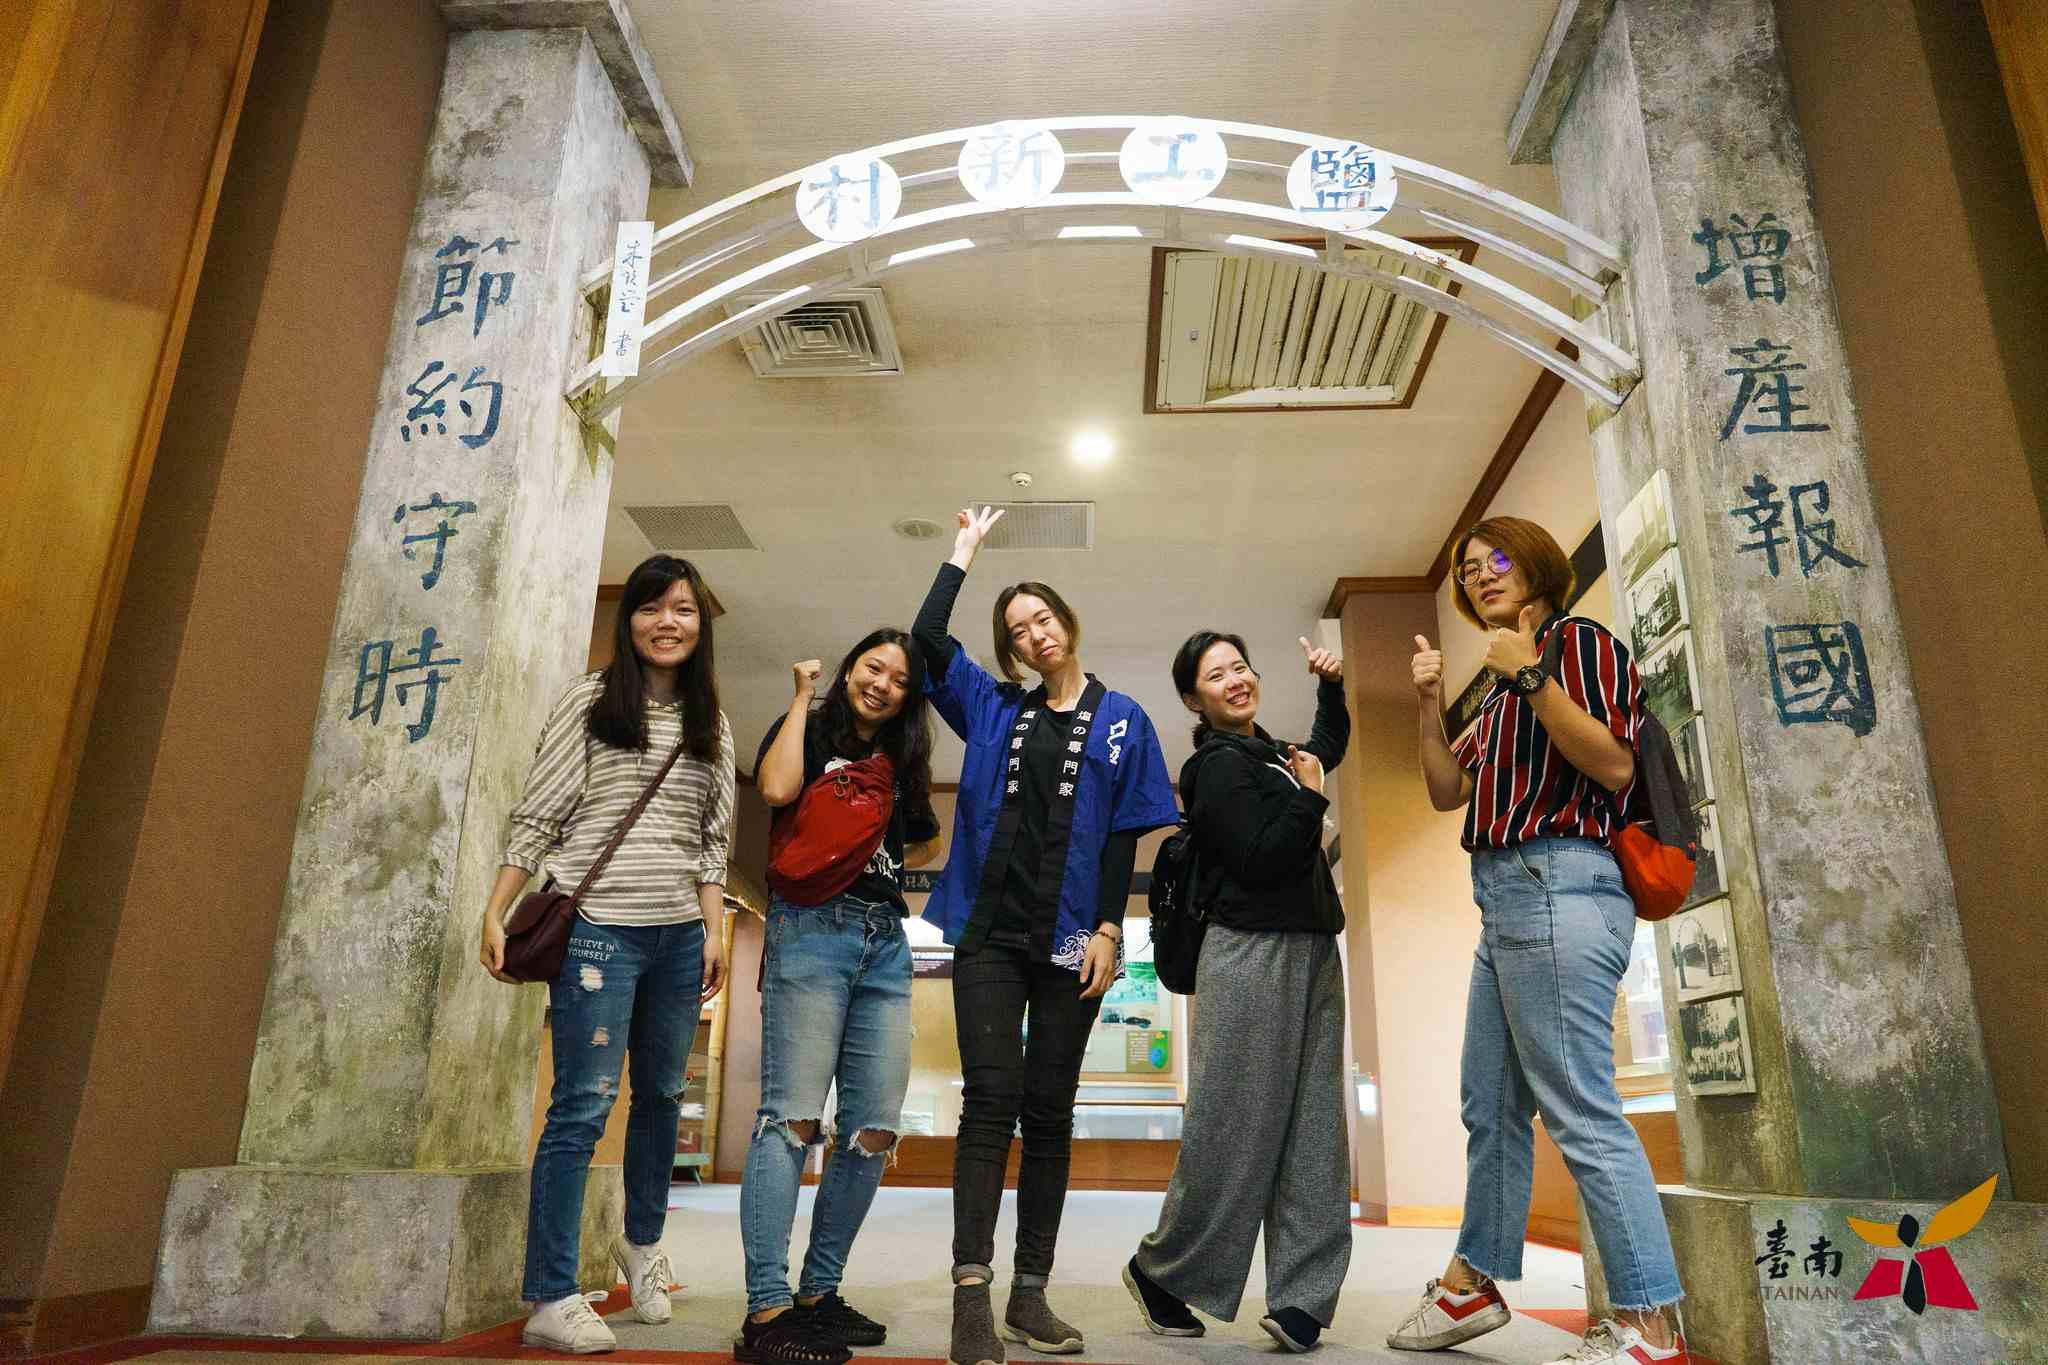 2019台南產地小旅行 - 冬季 - 台南美食節 - 11